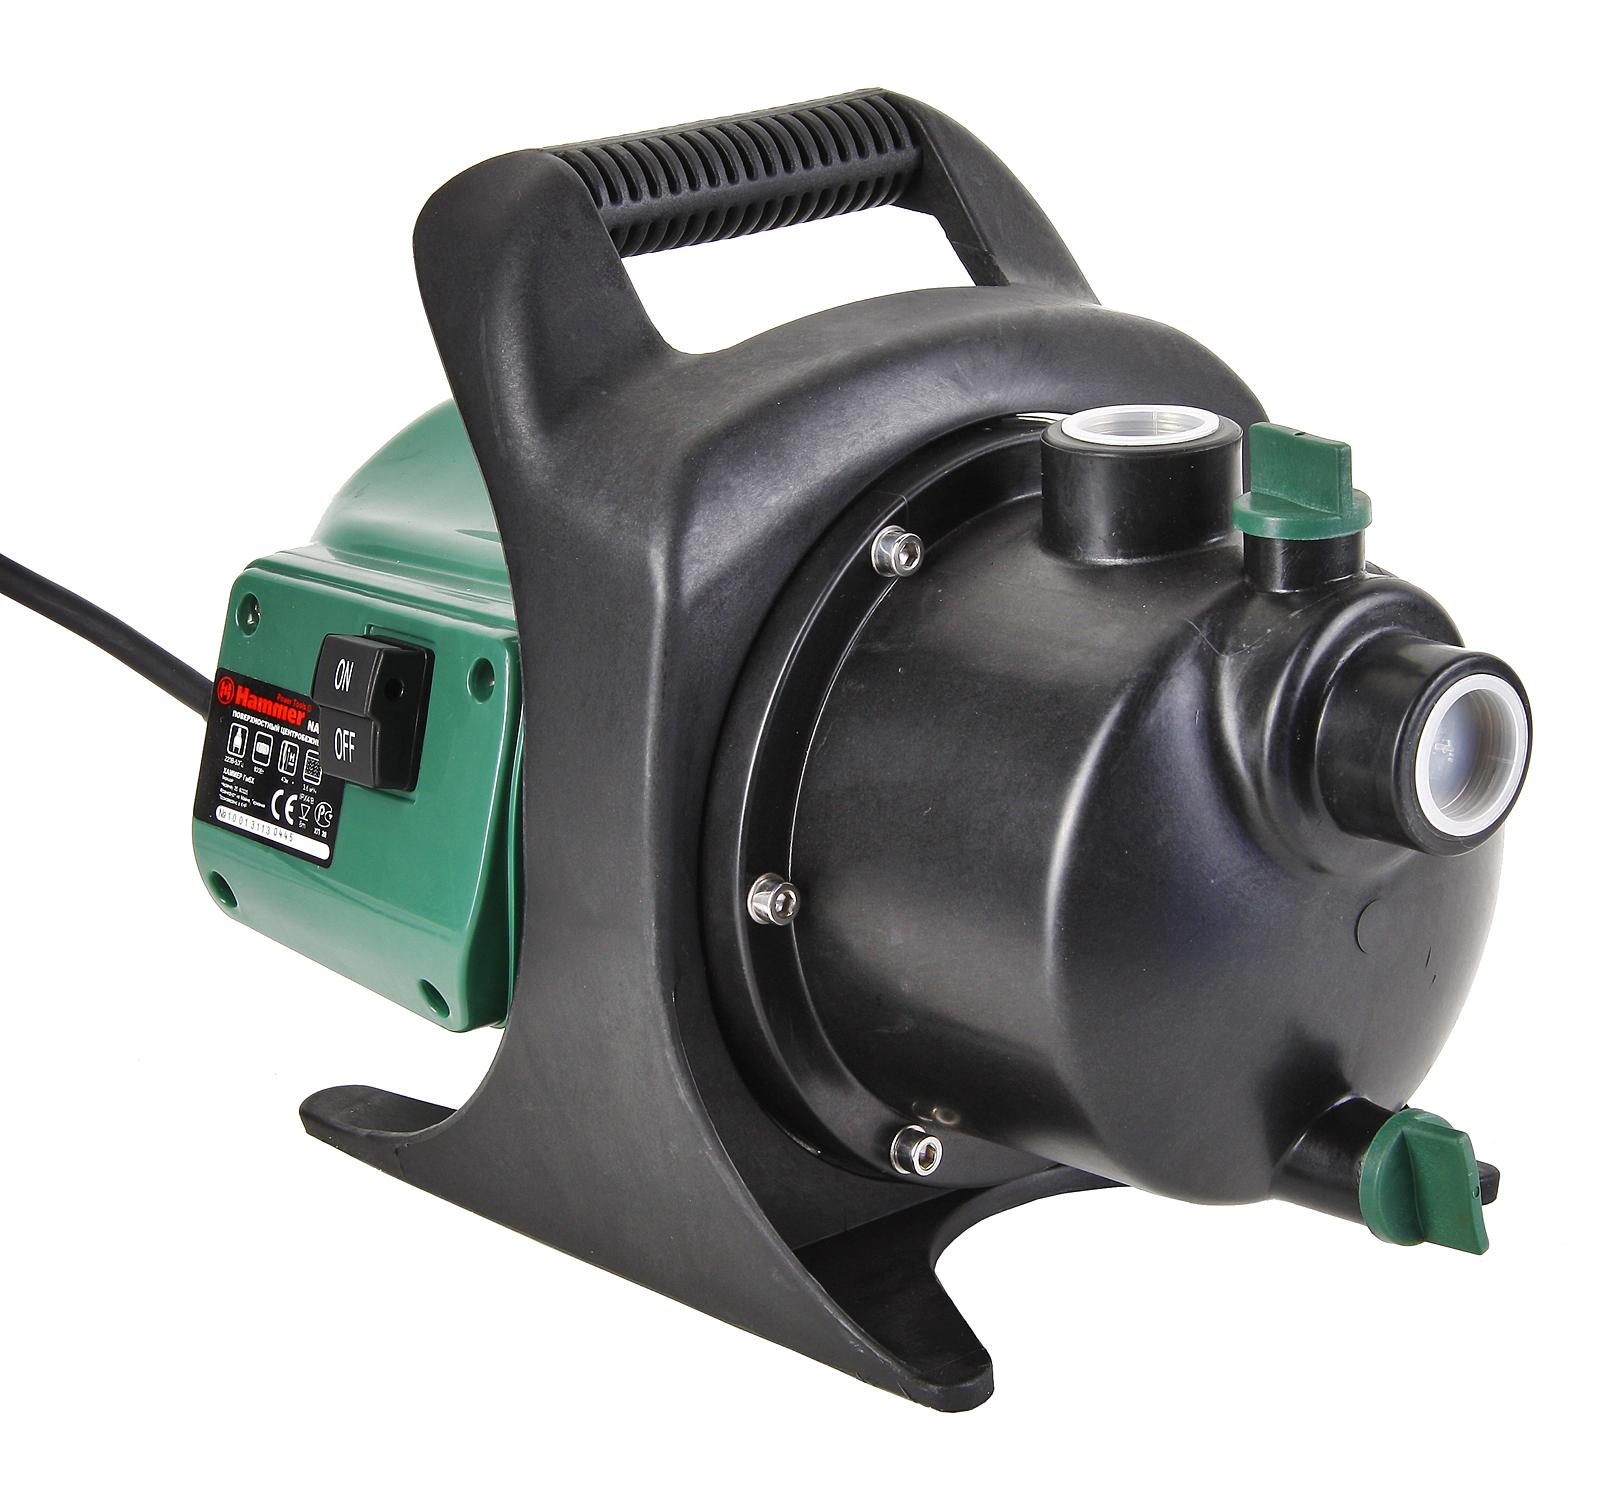 Насос Hammer Nac800р - это выгодная покупка. Потому что заказать товары фирмы Hammer - это удобно и цена нормальная.